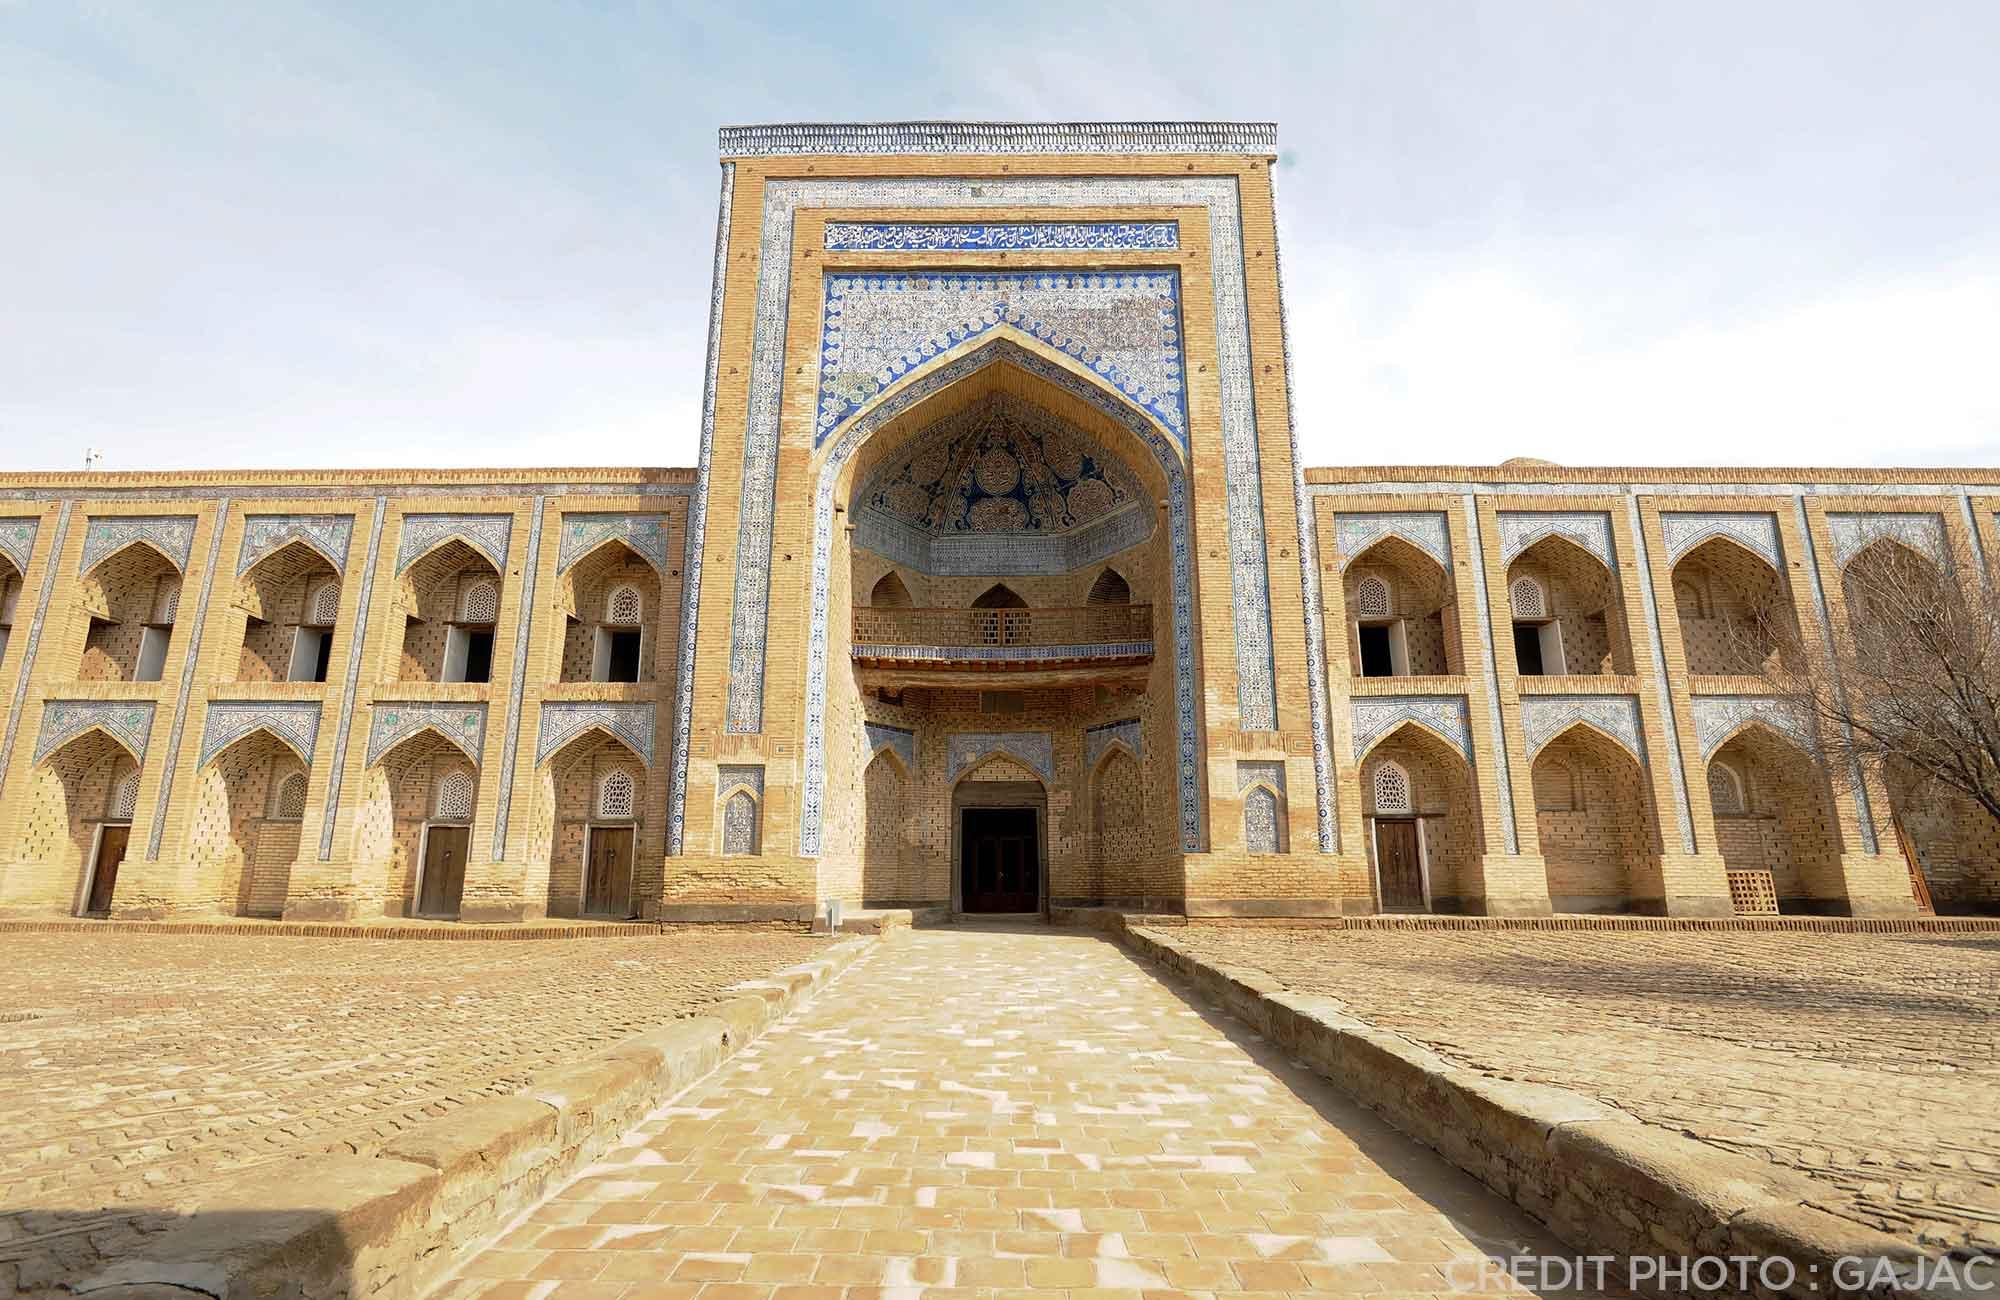 Voyage Ouzbékistan Route de la Soie - Khiva - Amplitudes